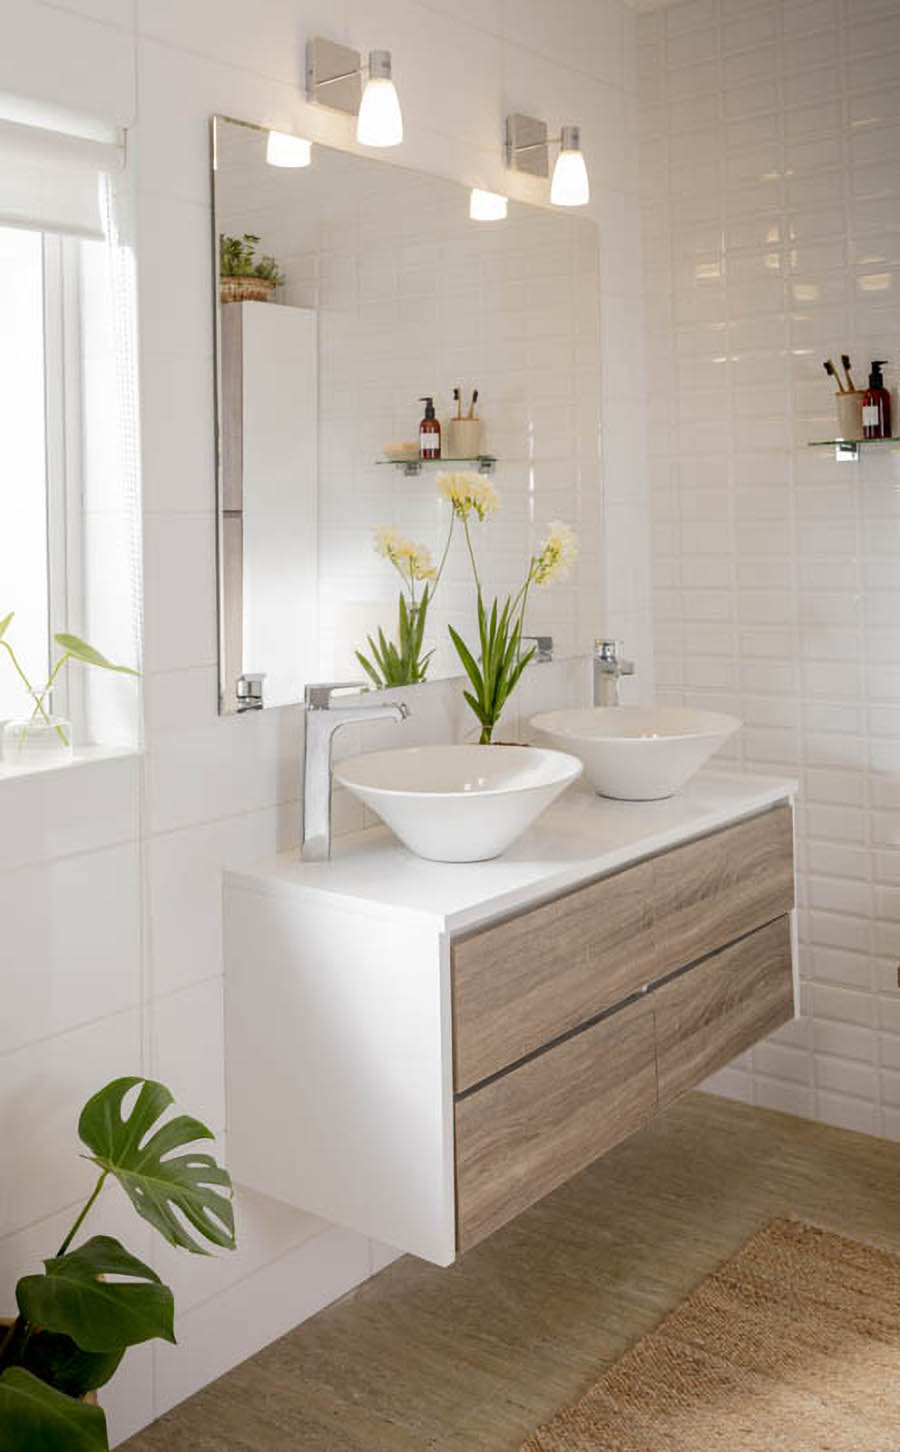 Decoracion de baño pequeño iluminacion